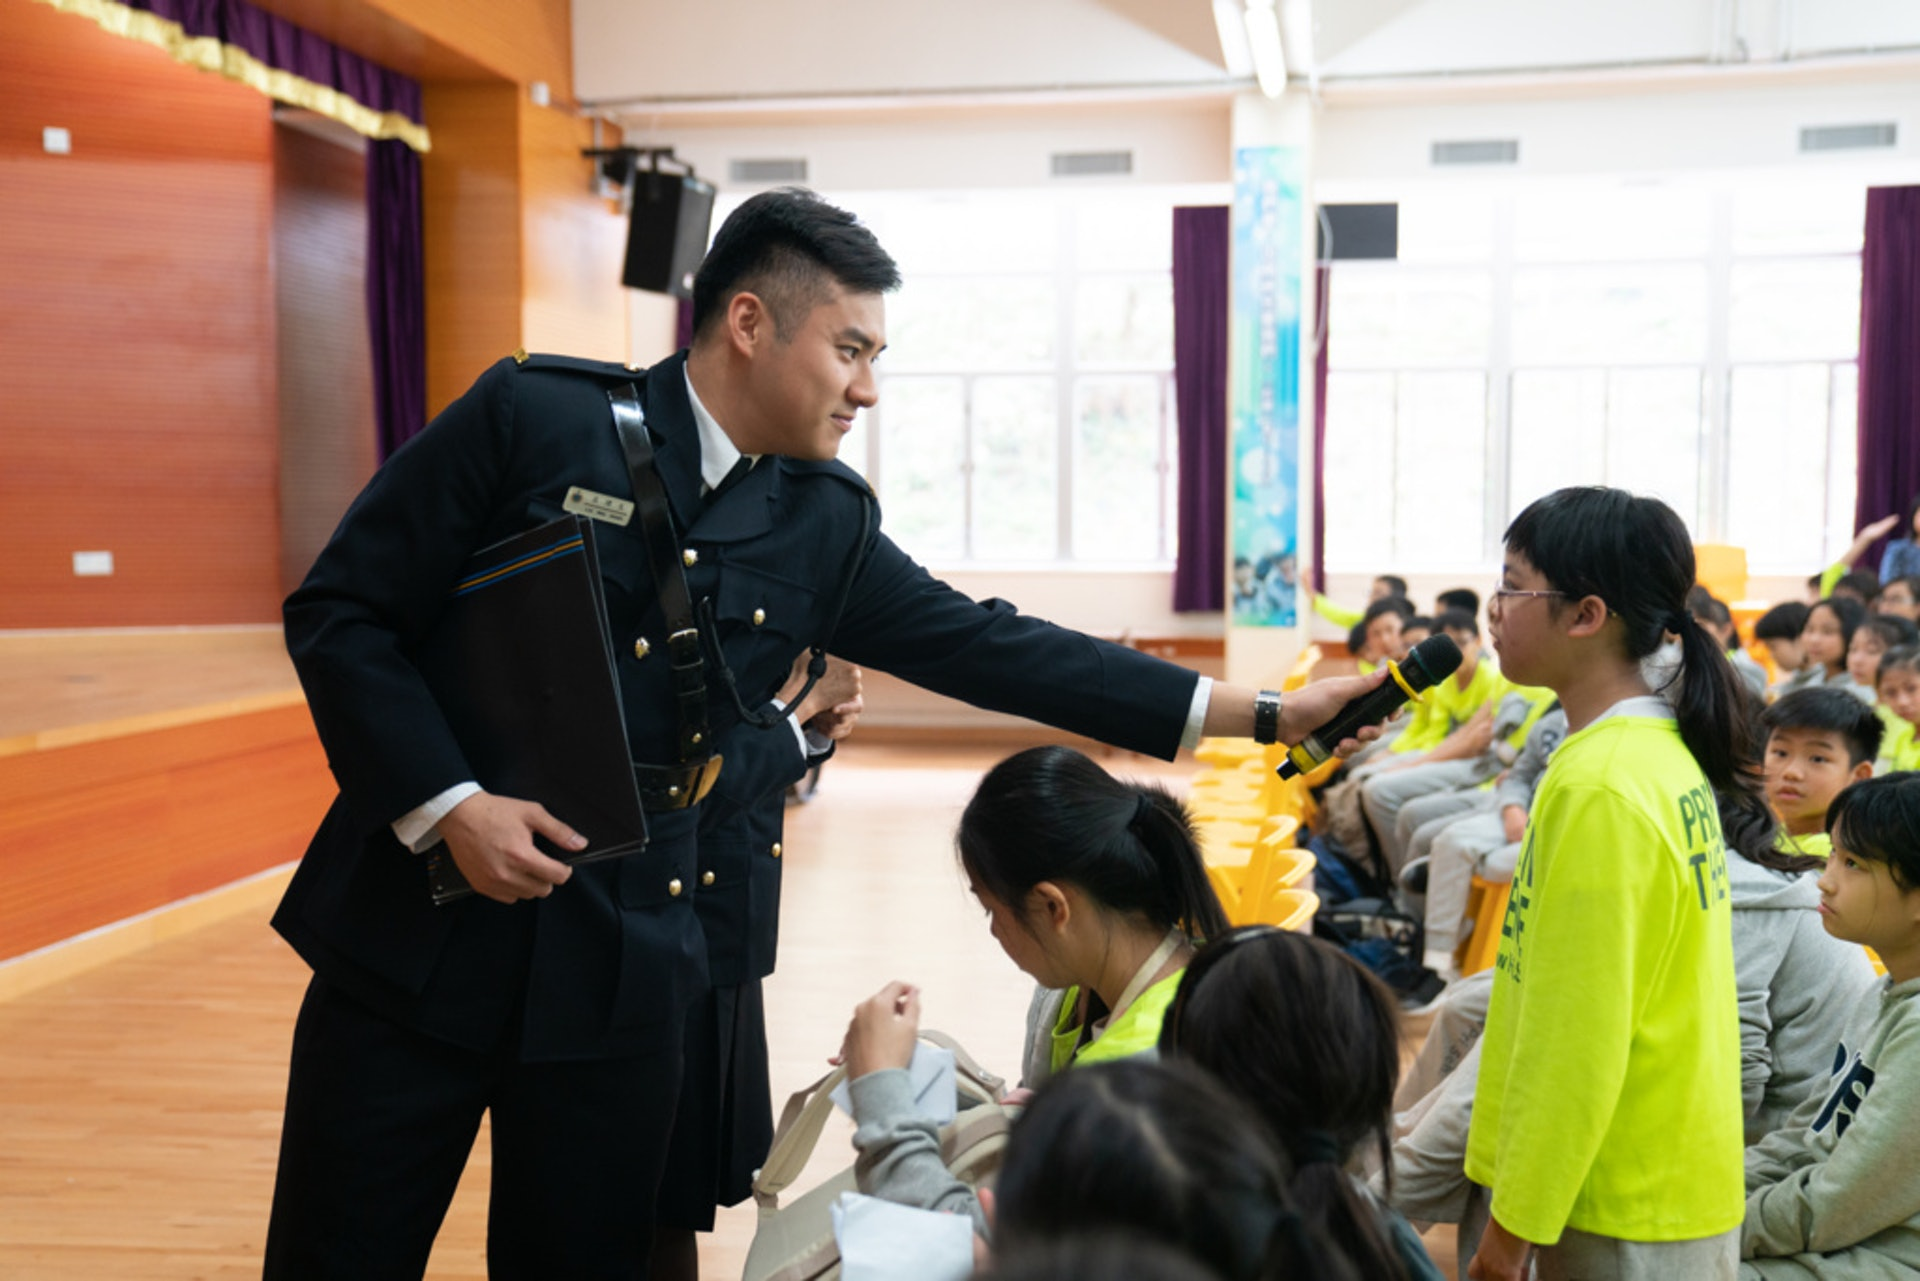 懲教署在小學舉辦「信有明天」活動的情況。(吳鍾坤攝)